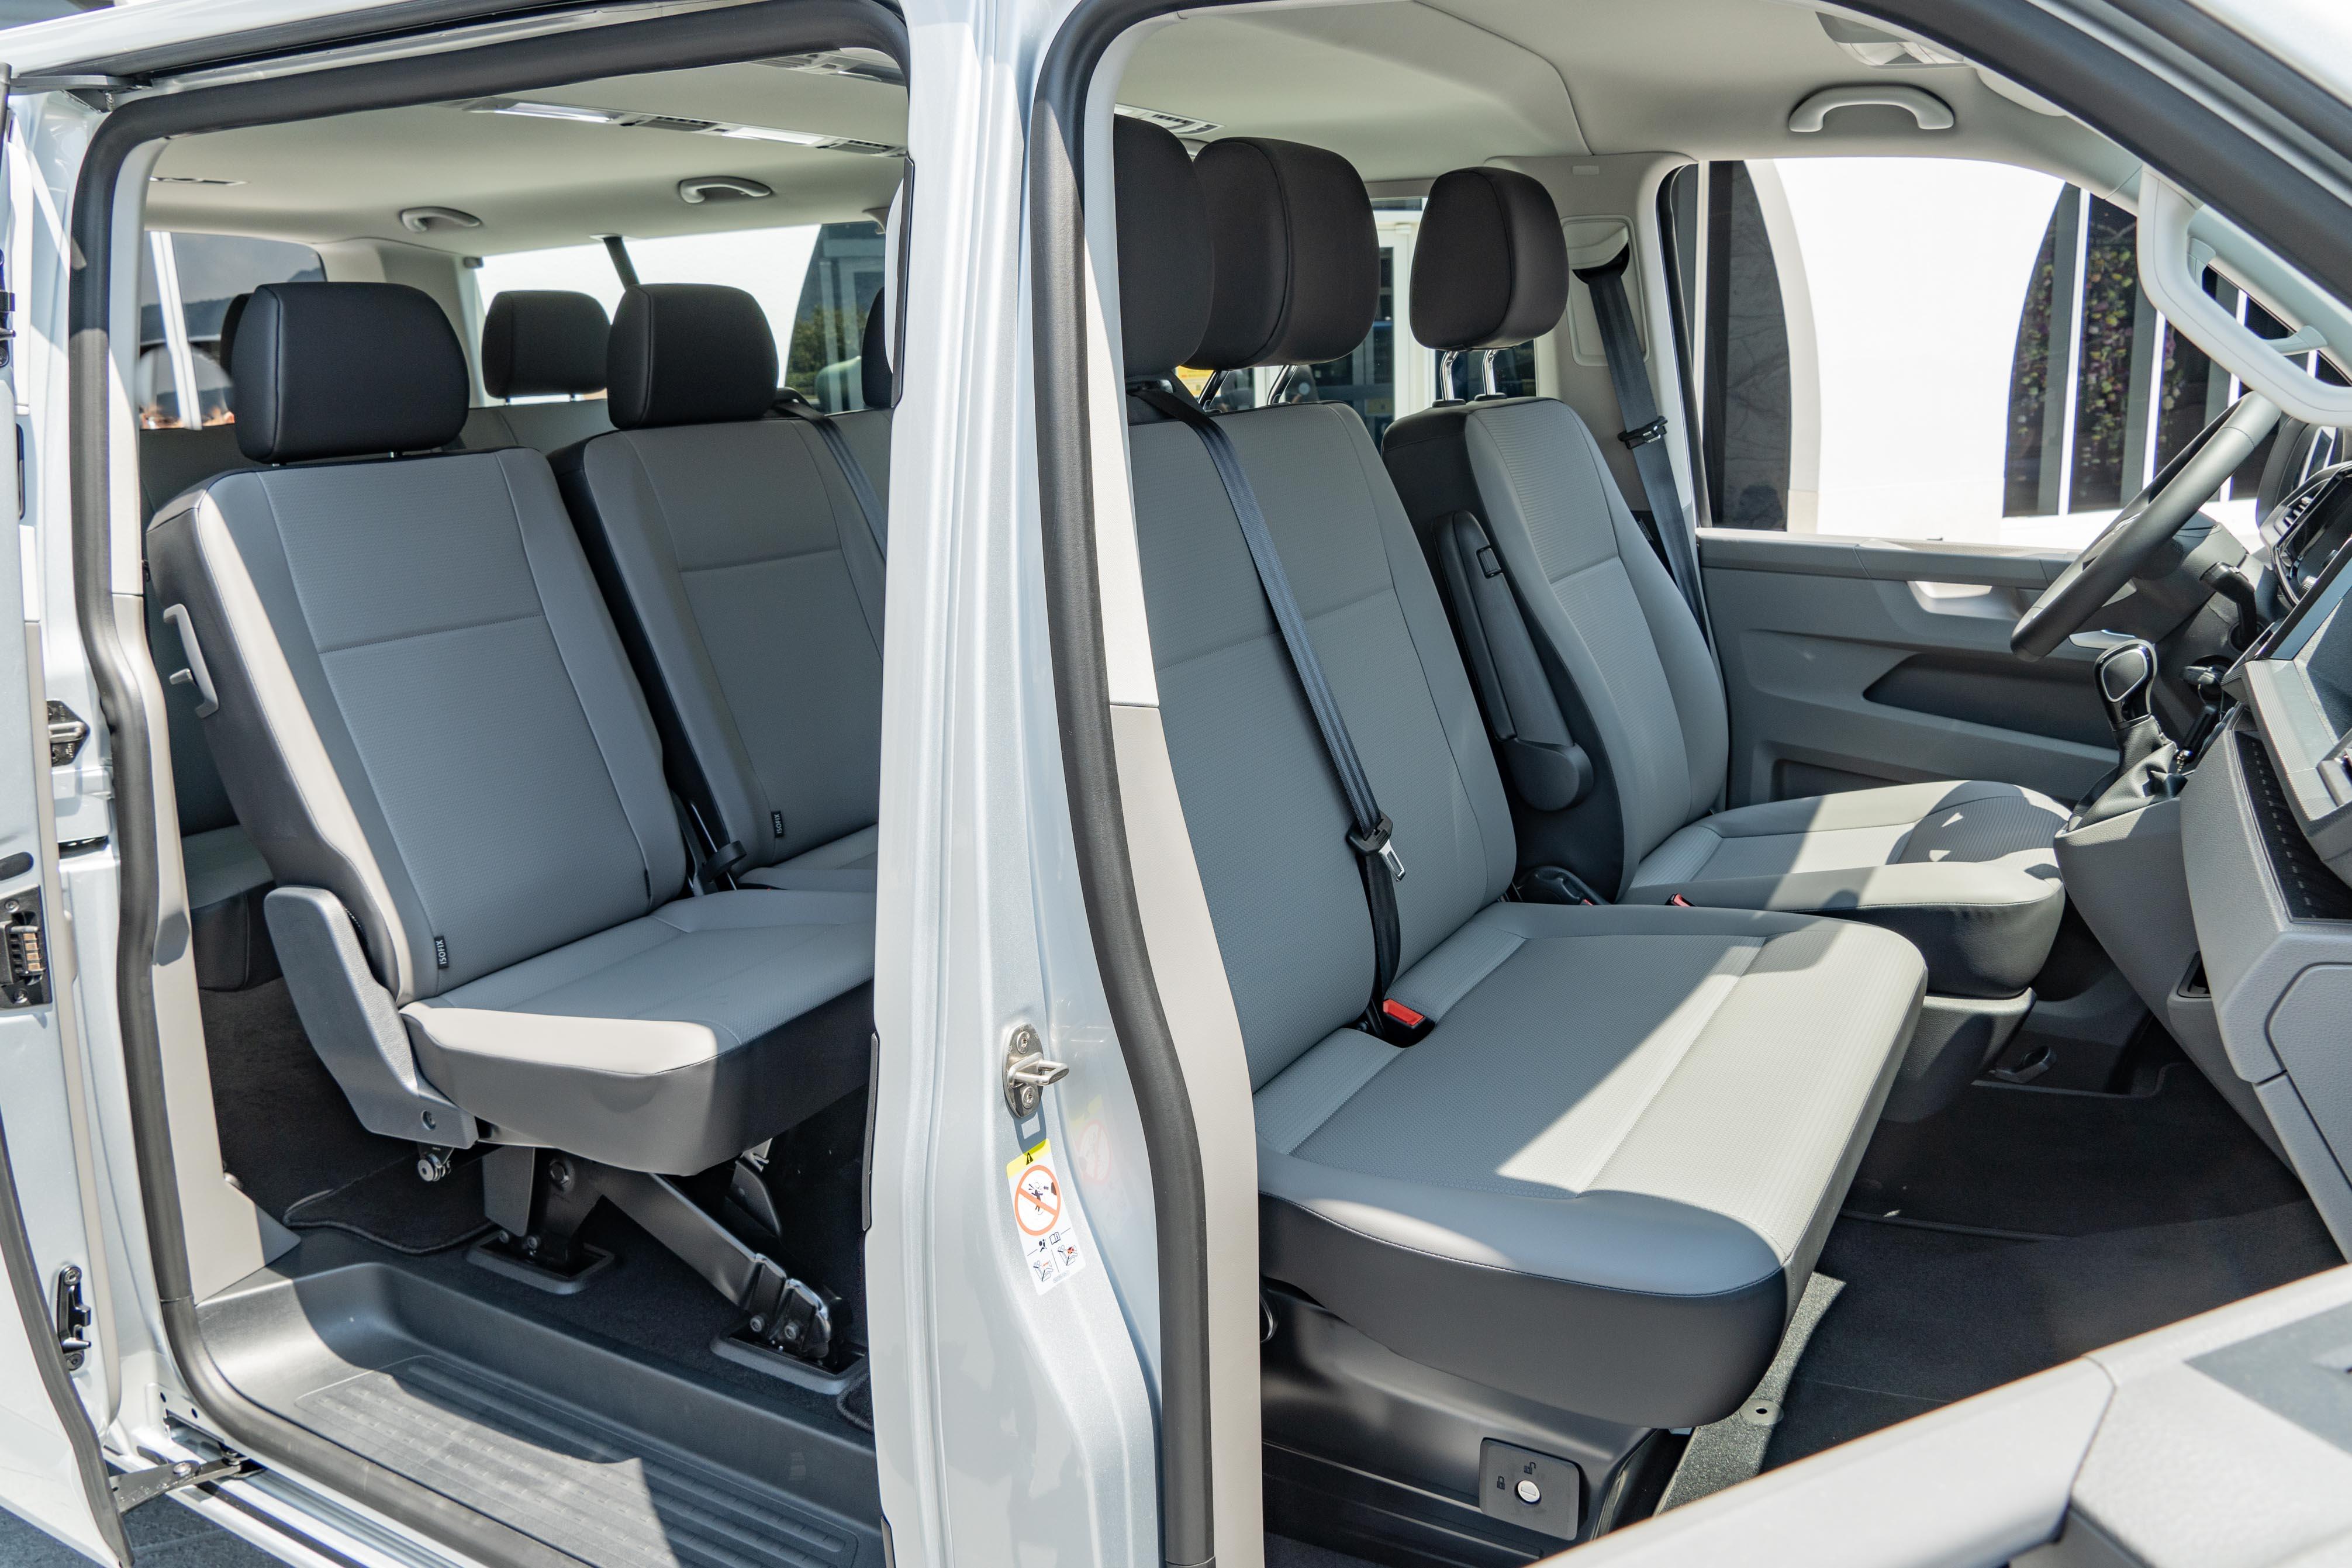 T6.1 Caravelle 提供豐富的座椅排列組合。